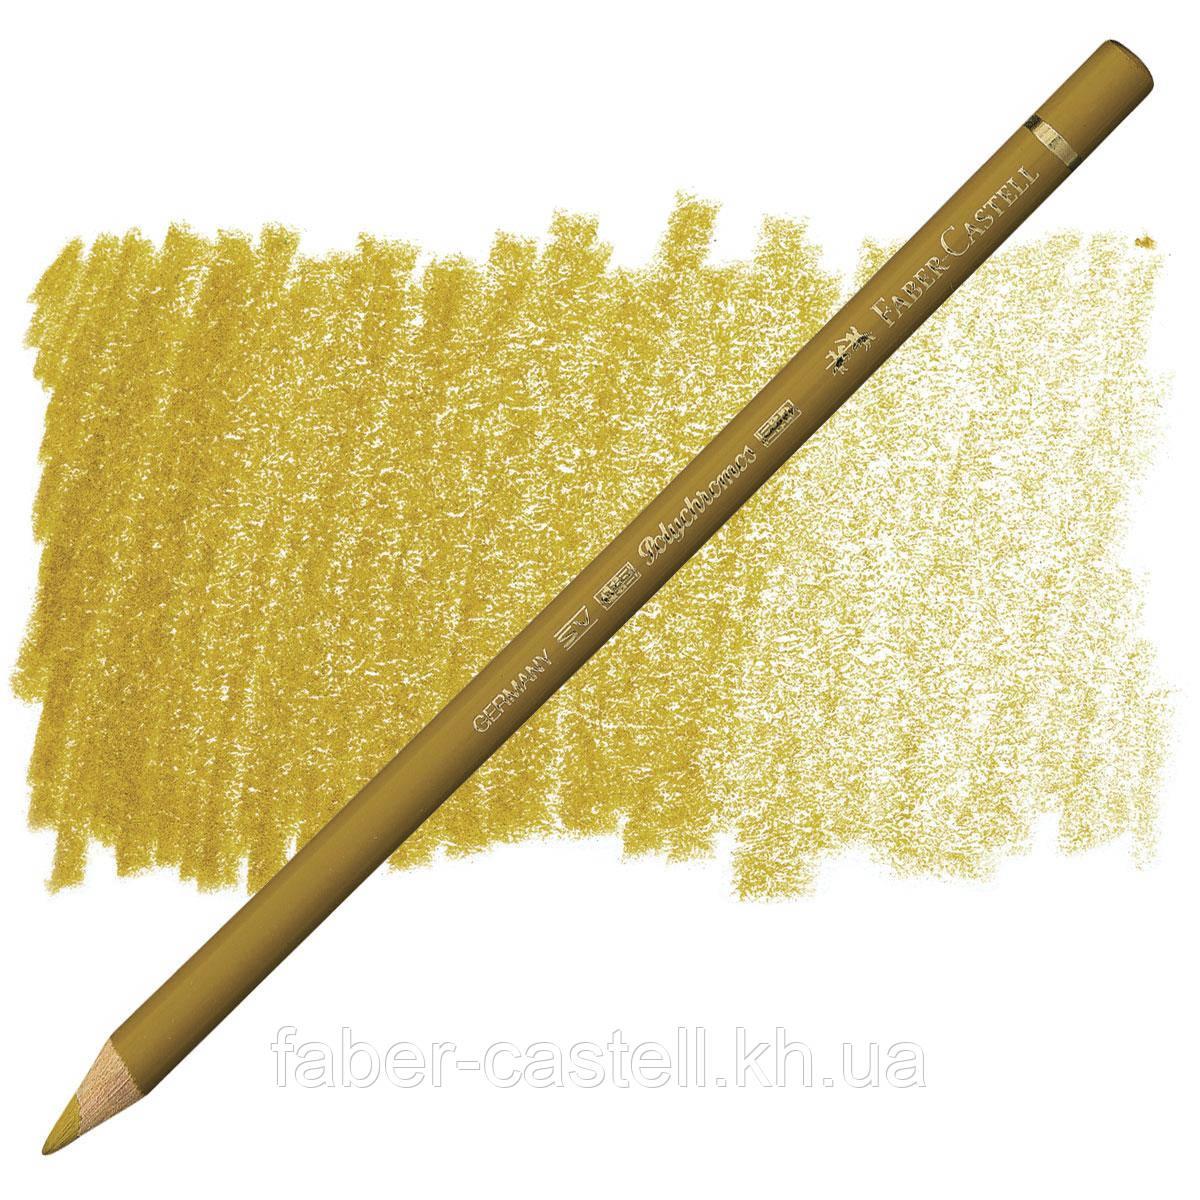 Карандаш цветной Faber-Castell POLYCHROMOS зелено-золотой №268 (Green Gold), 110268